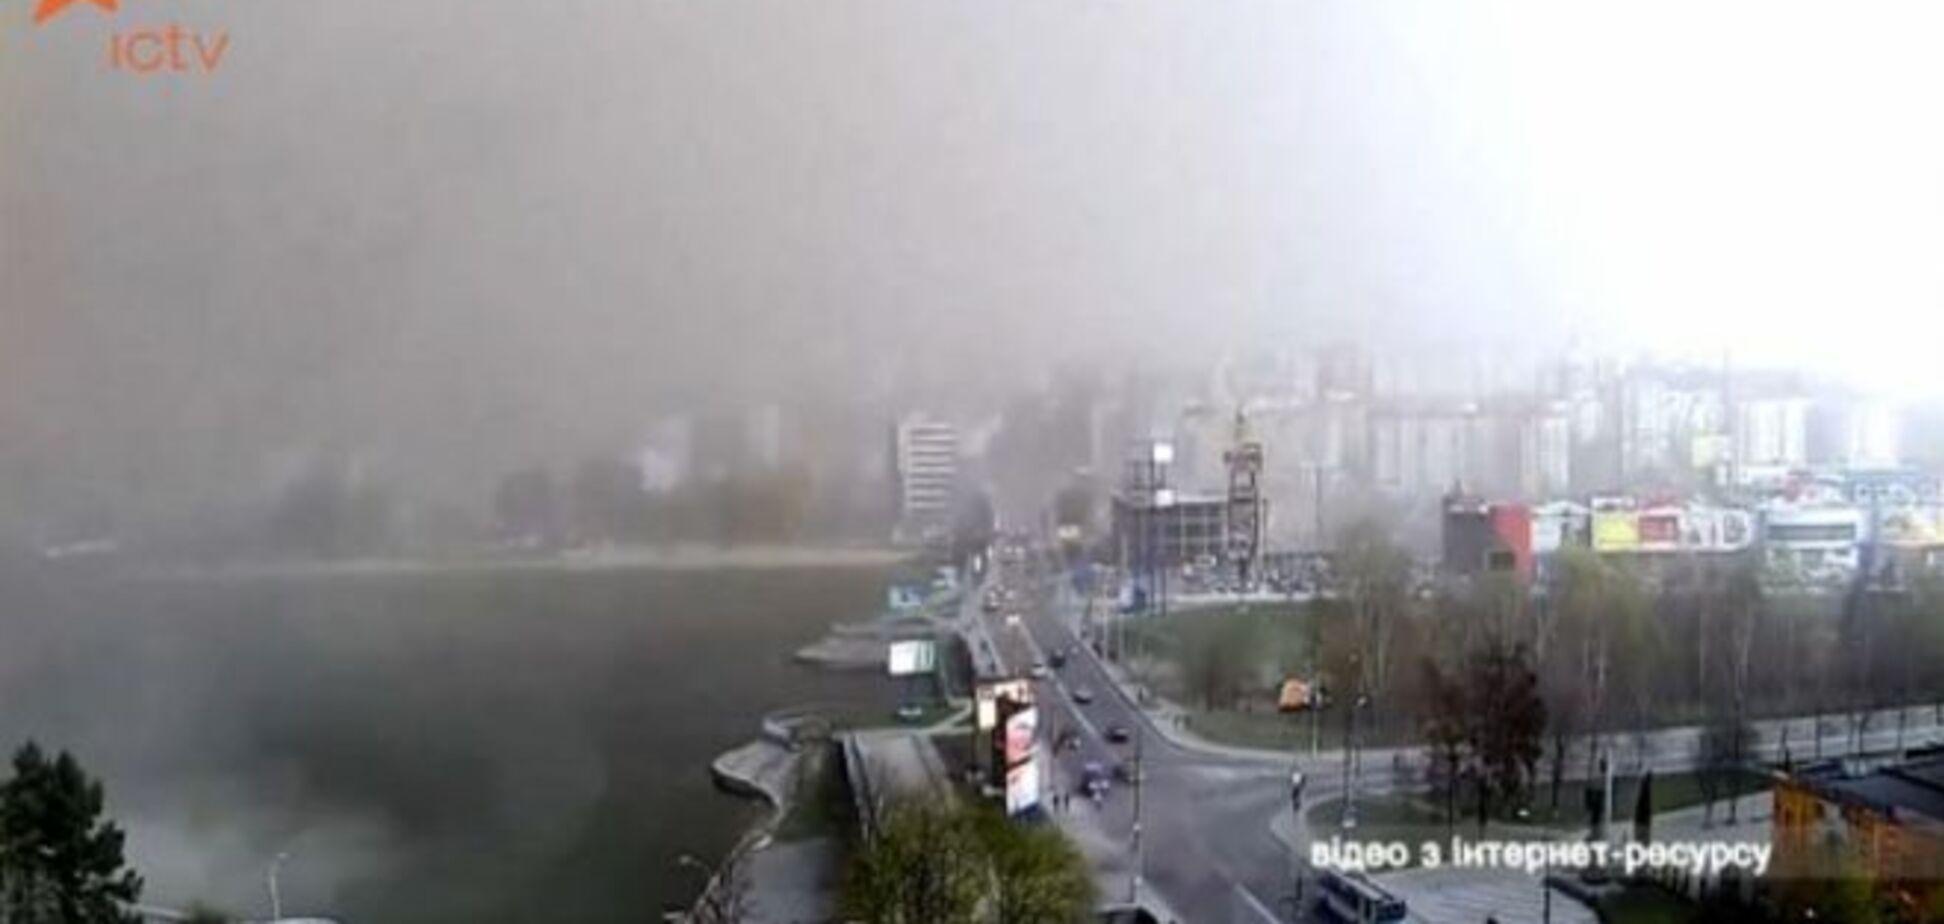 Піщана буря вирувала на заході України: відеофакт